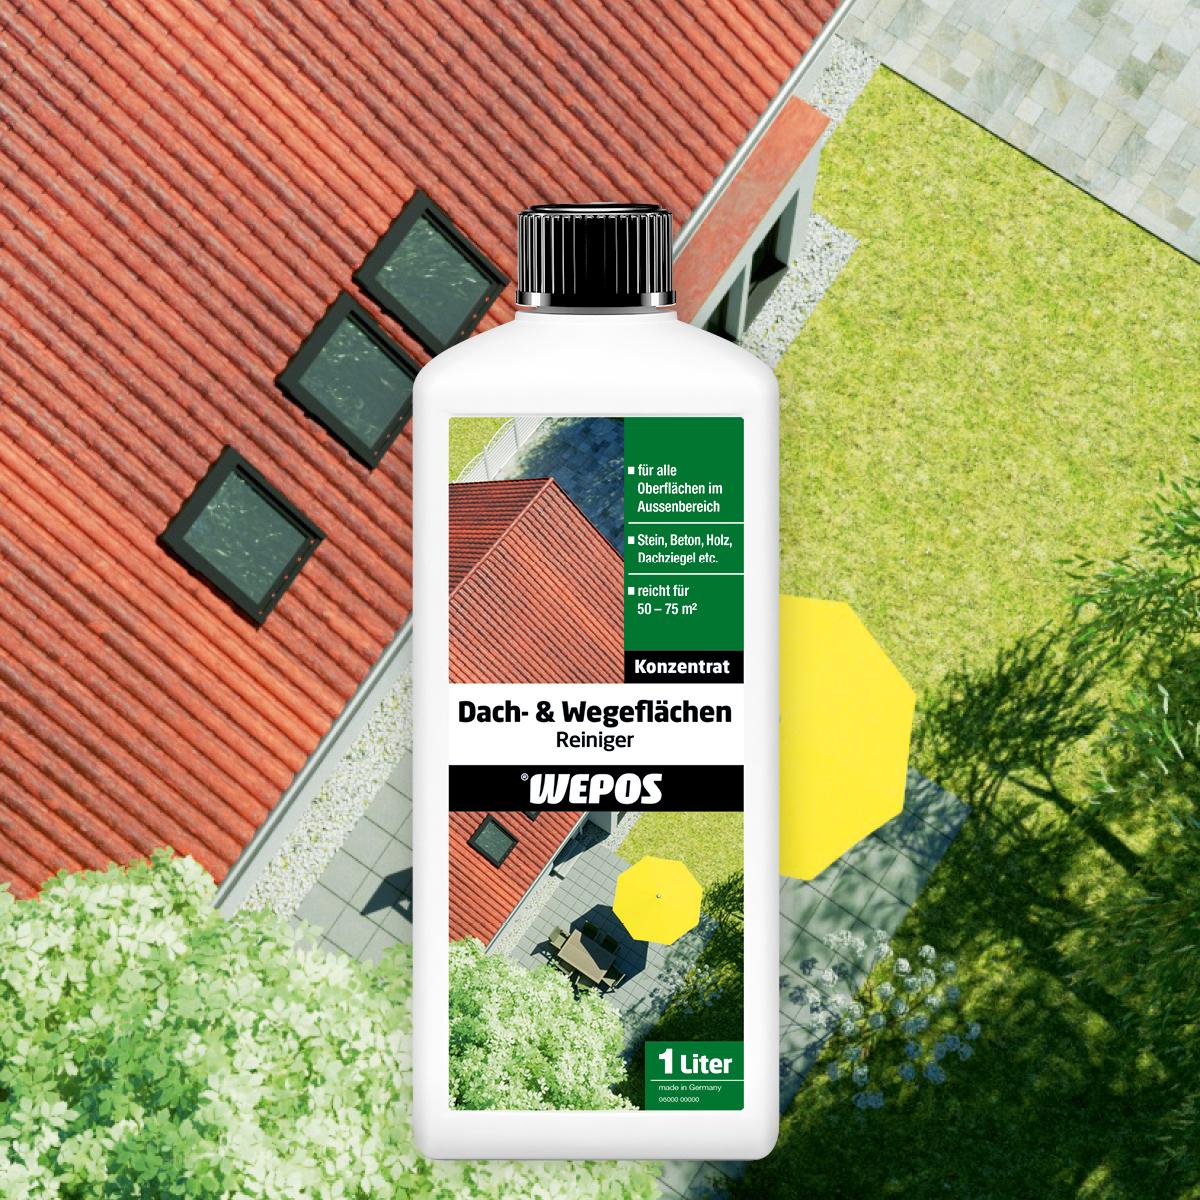 Dach- & Wegeflächen Reiniger